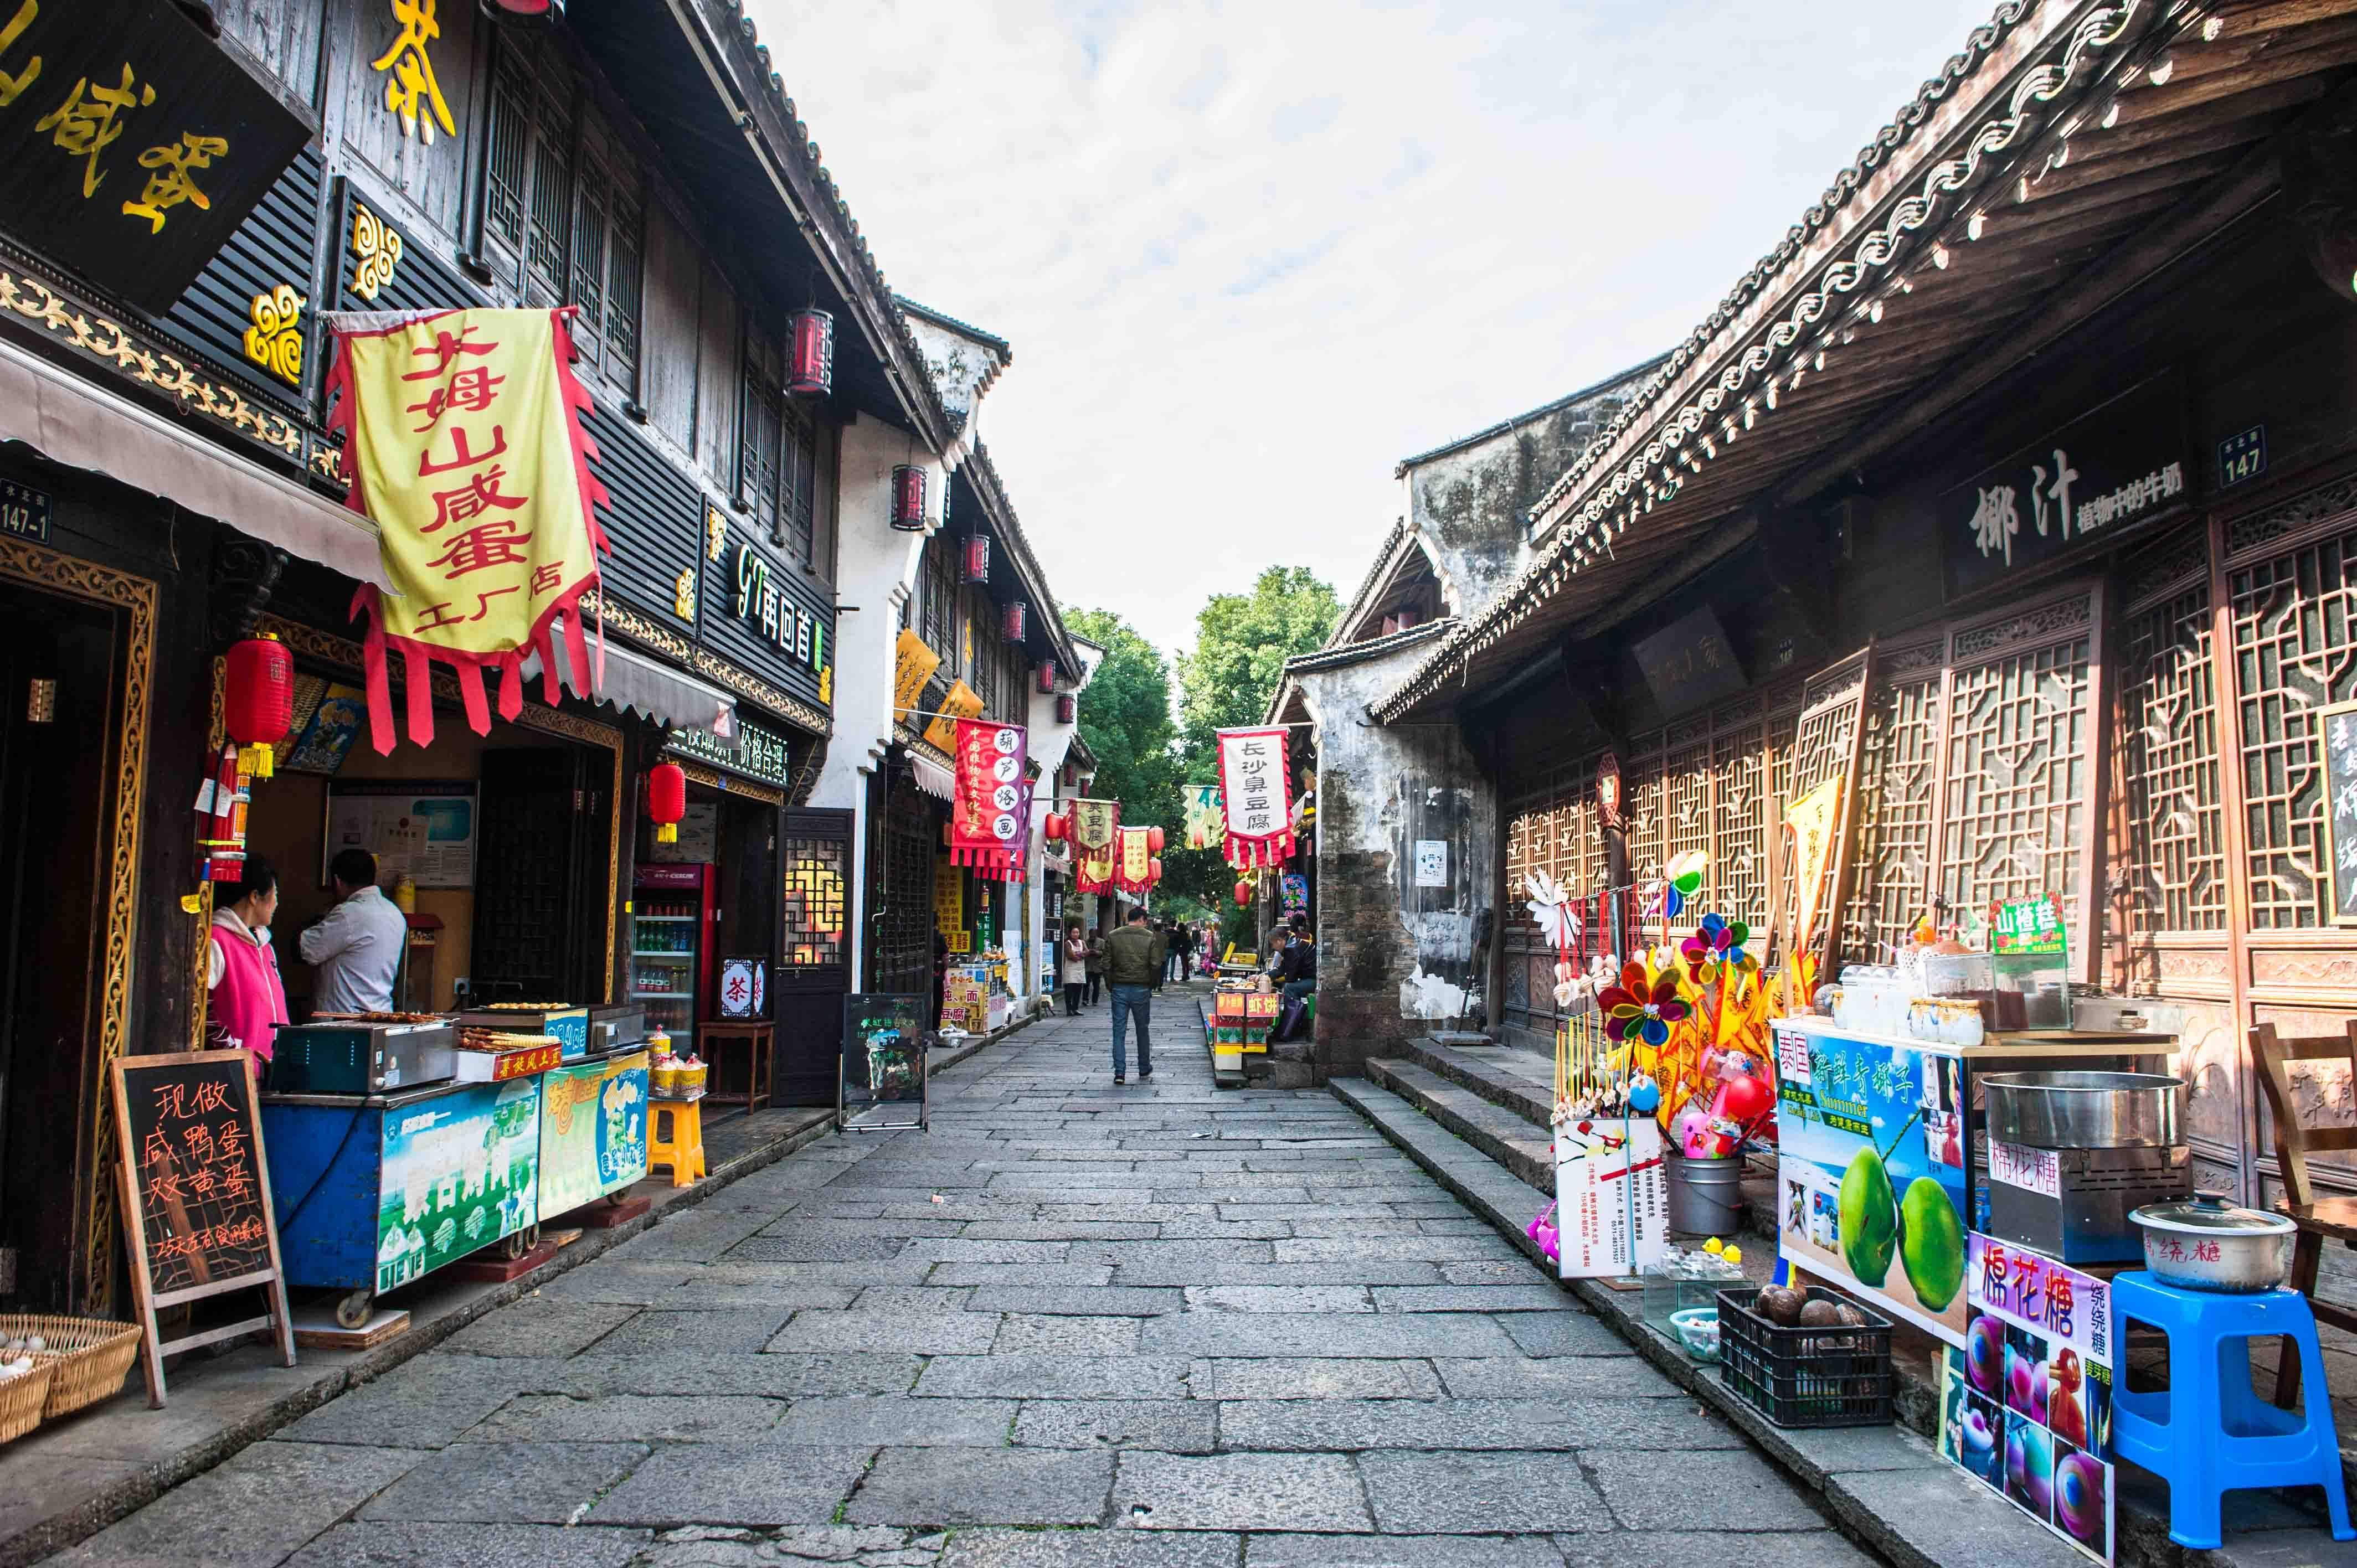 江南這個古鎮風景原始,至今都不對游客收門票,還是吃貨們的天堂